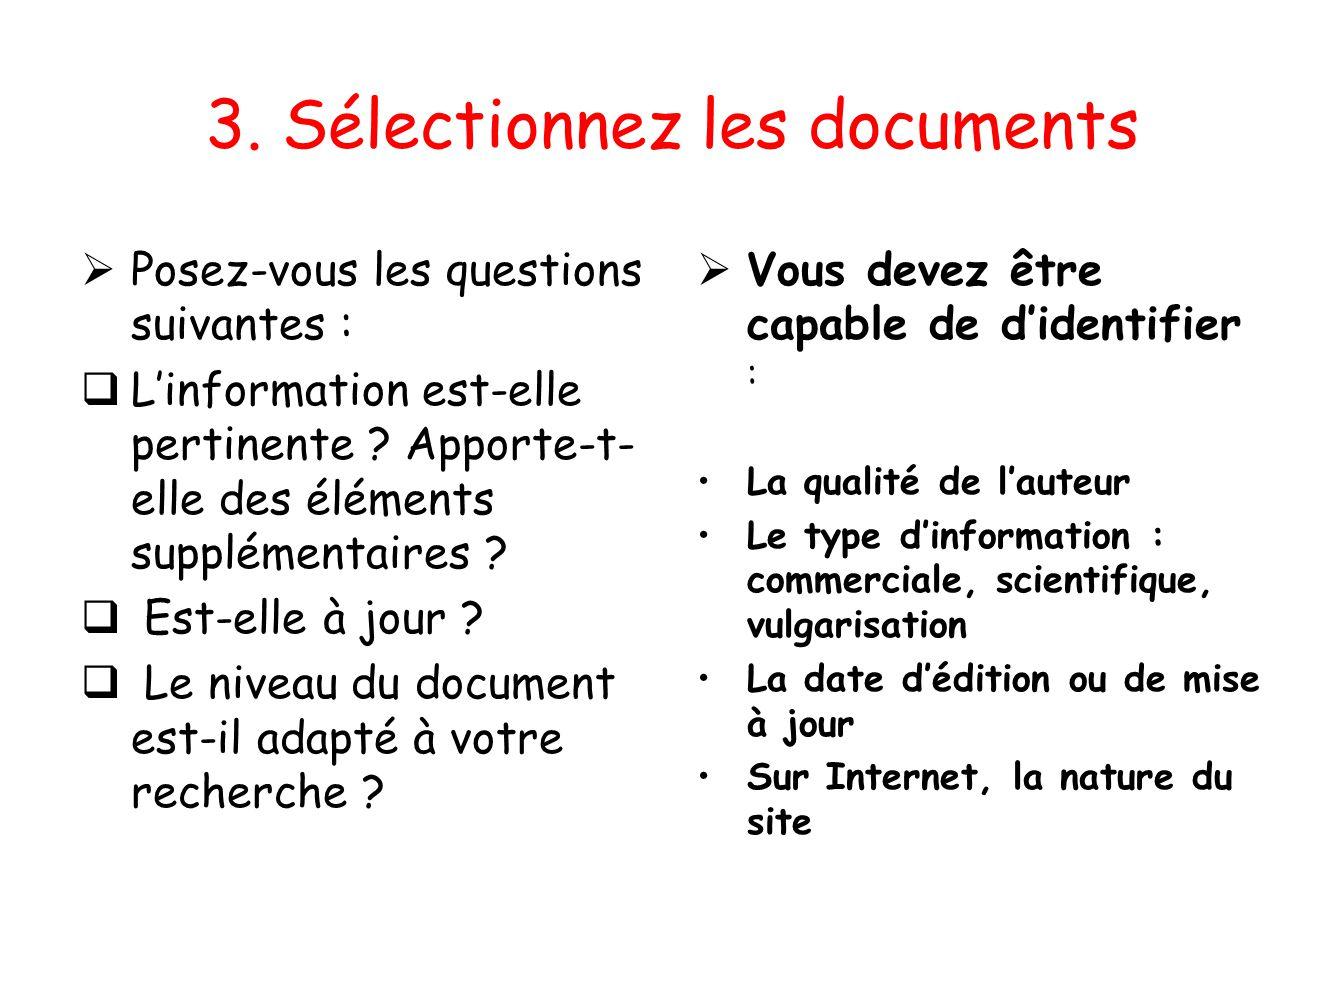 3. Sélectionnez les documents